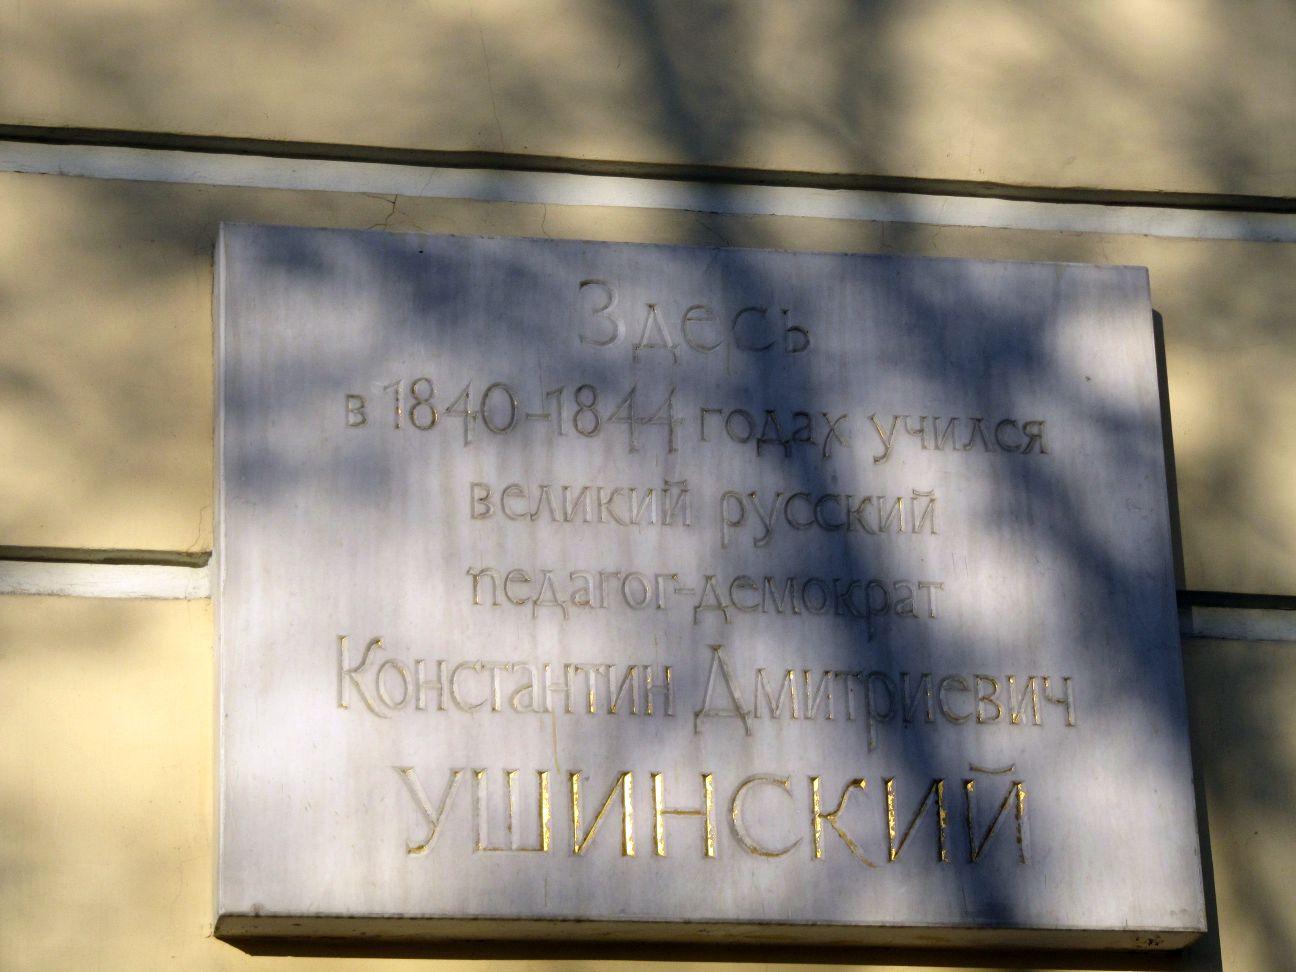 Памятный знак Константину Дмитриевичу, который учился в Московском Университете